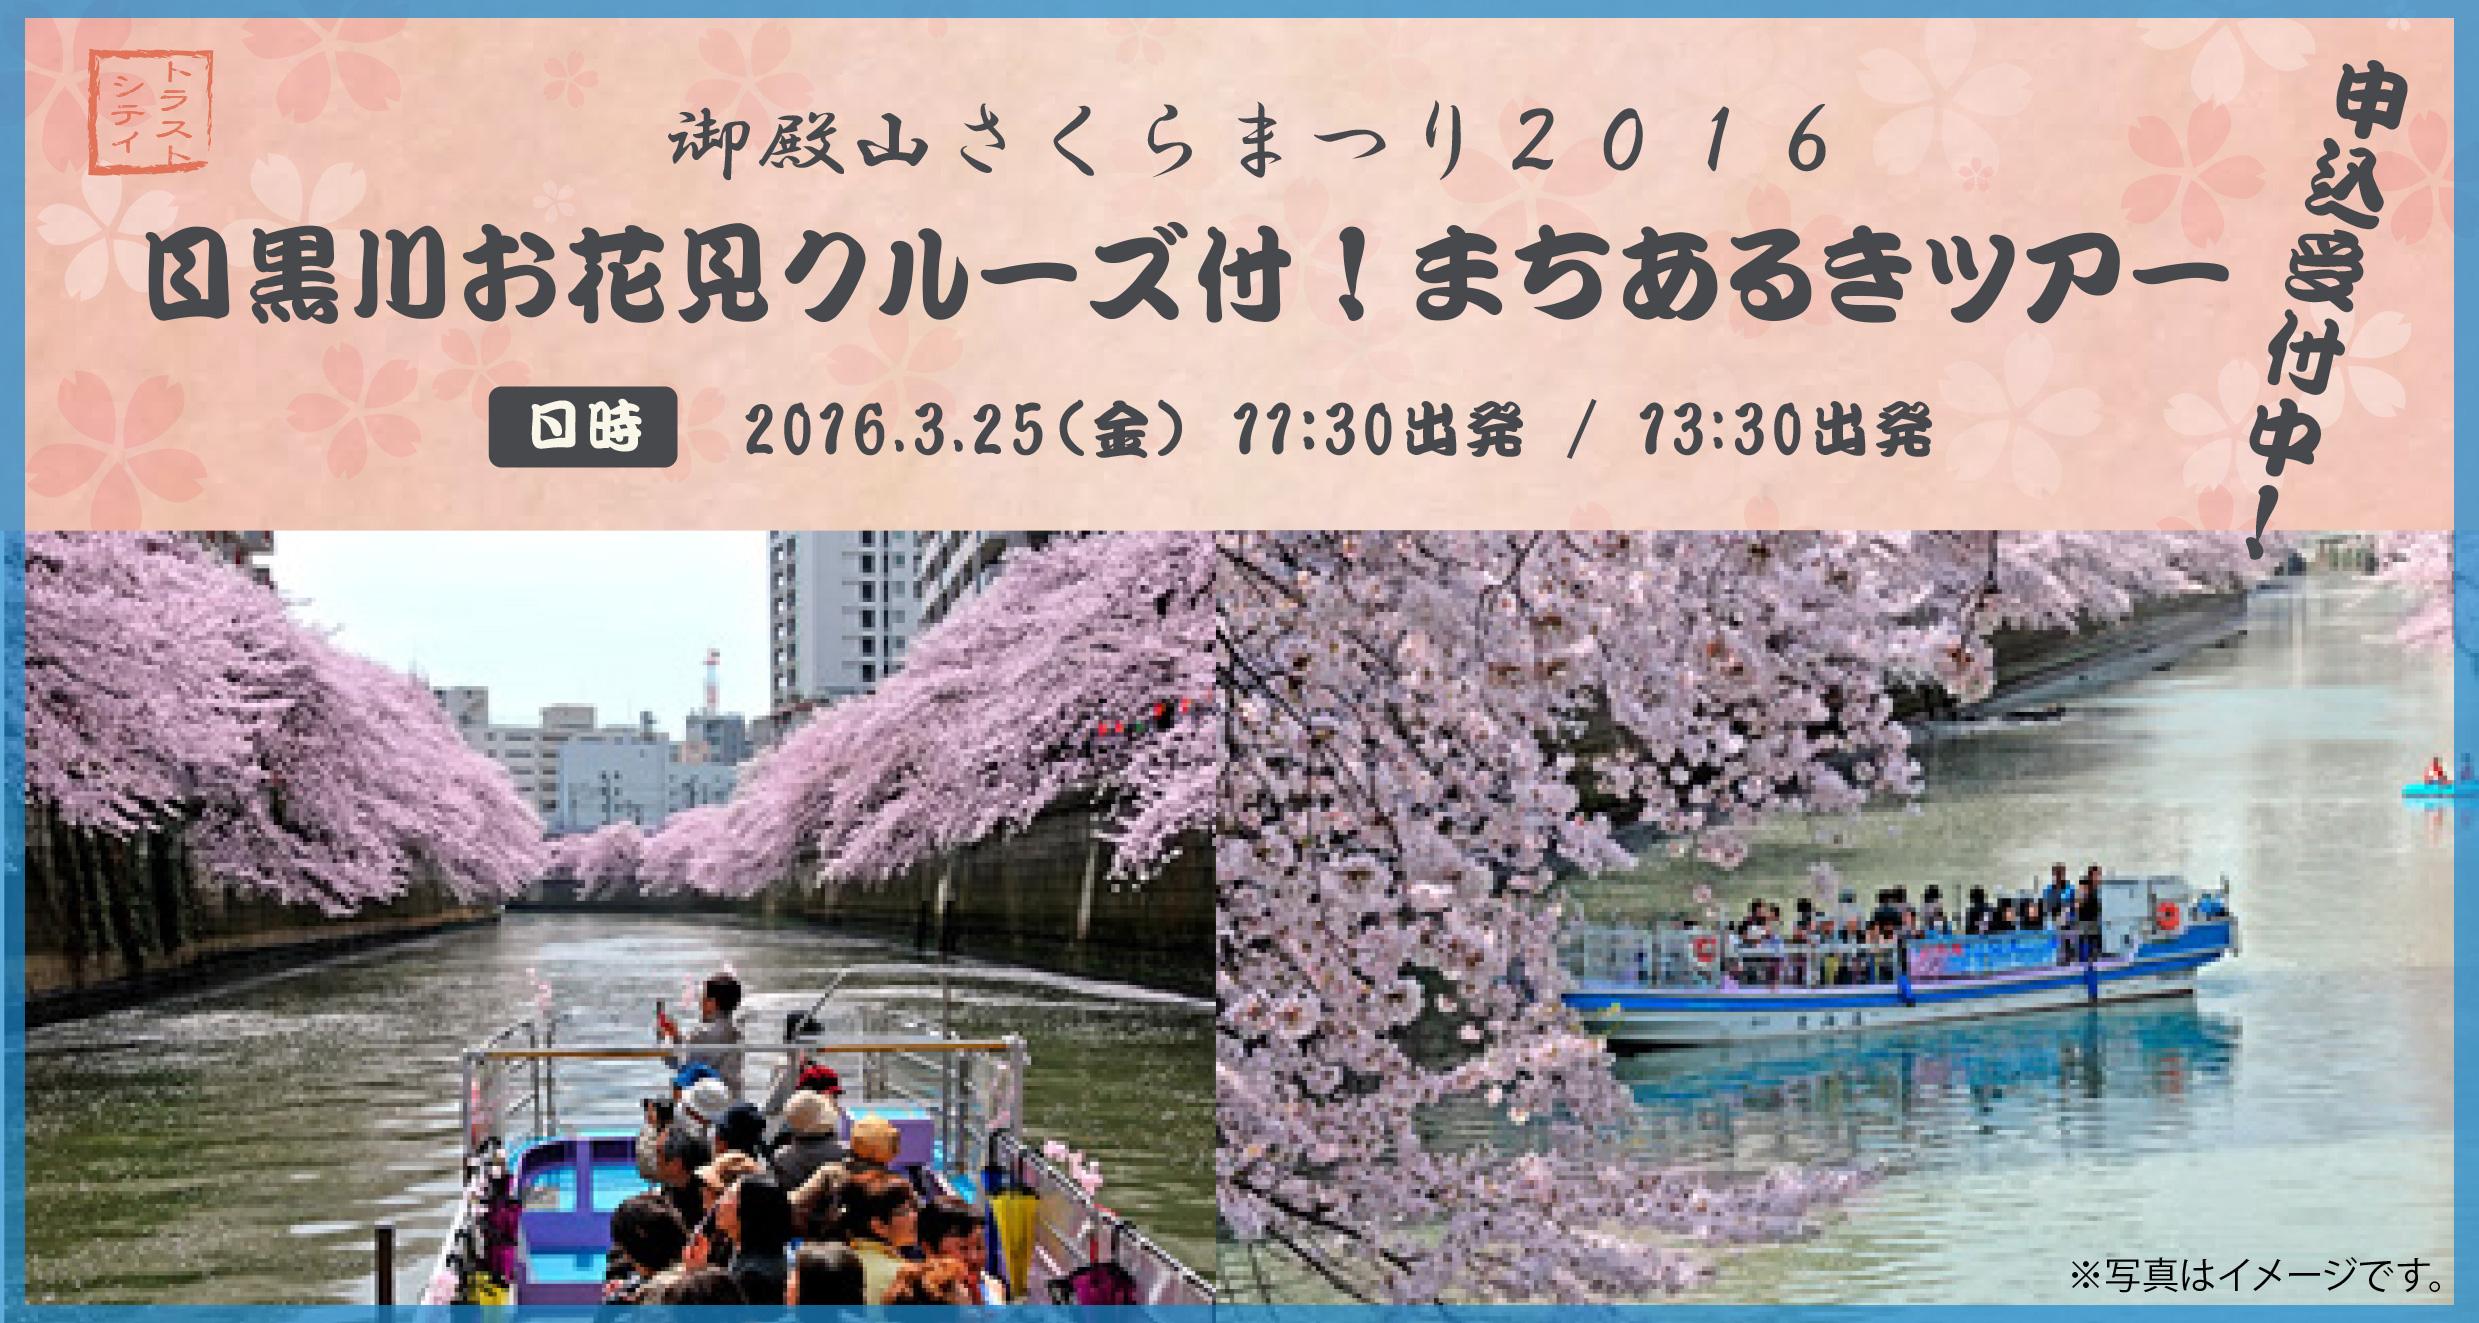 目黒川お花見クルーズ付!まちあるきツアー お申し込み受付中! ※写真はイメージです。